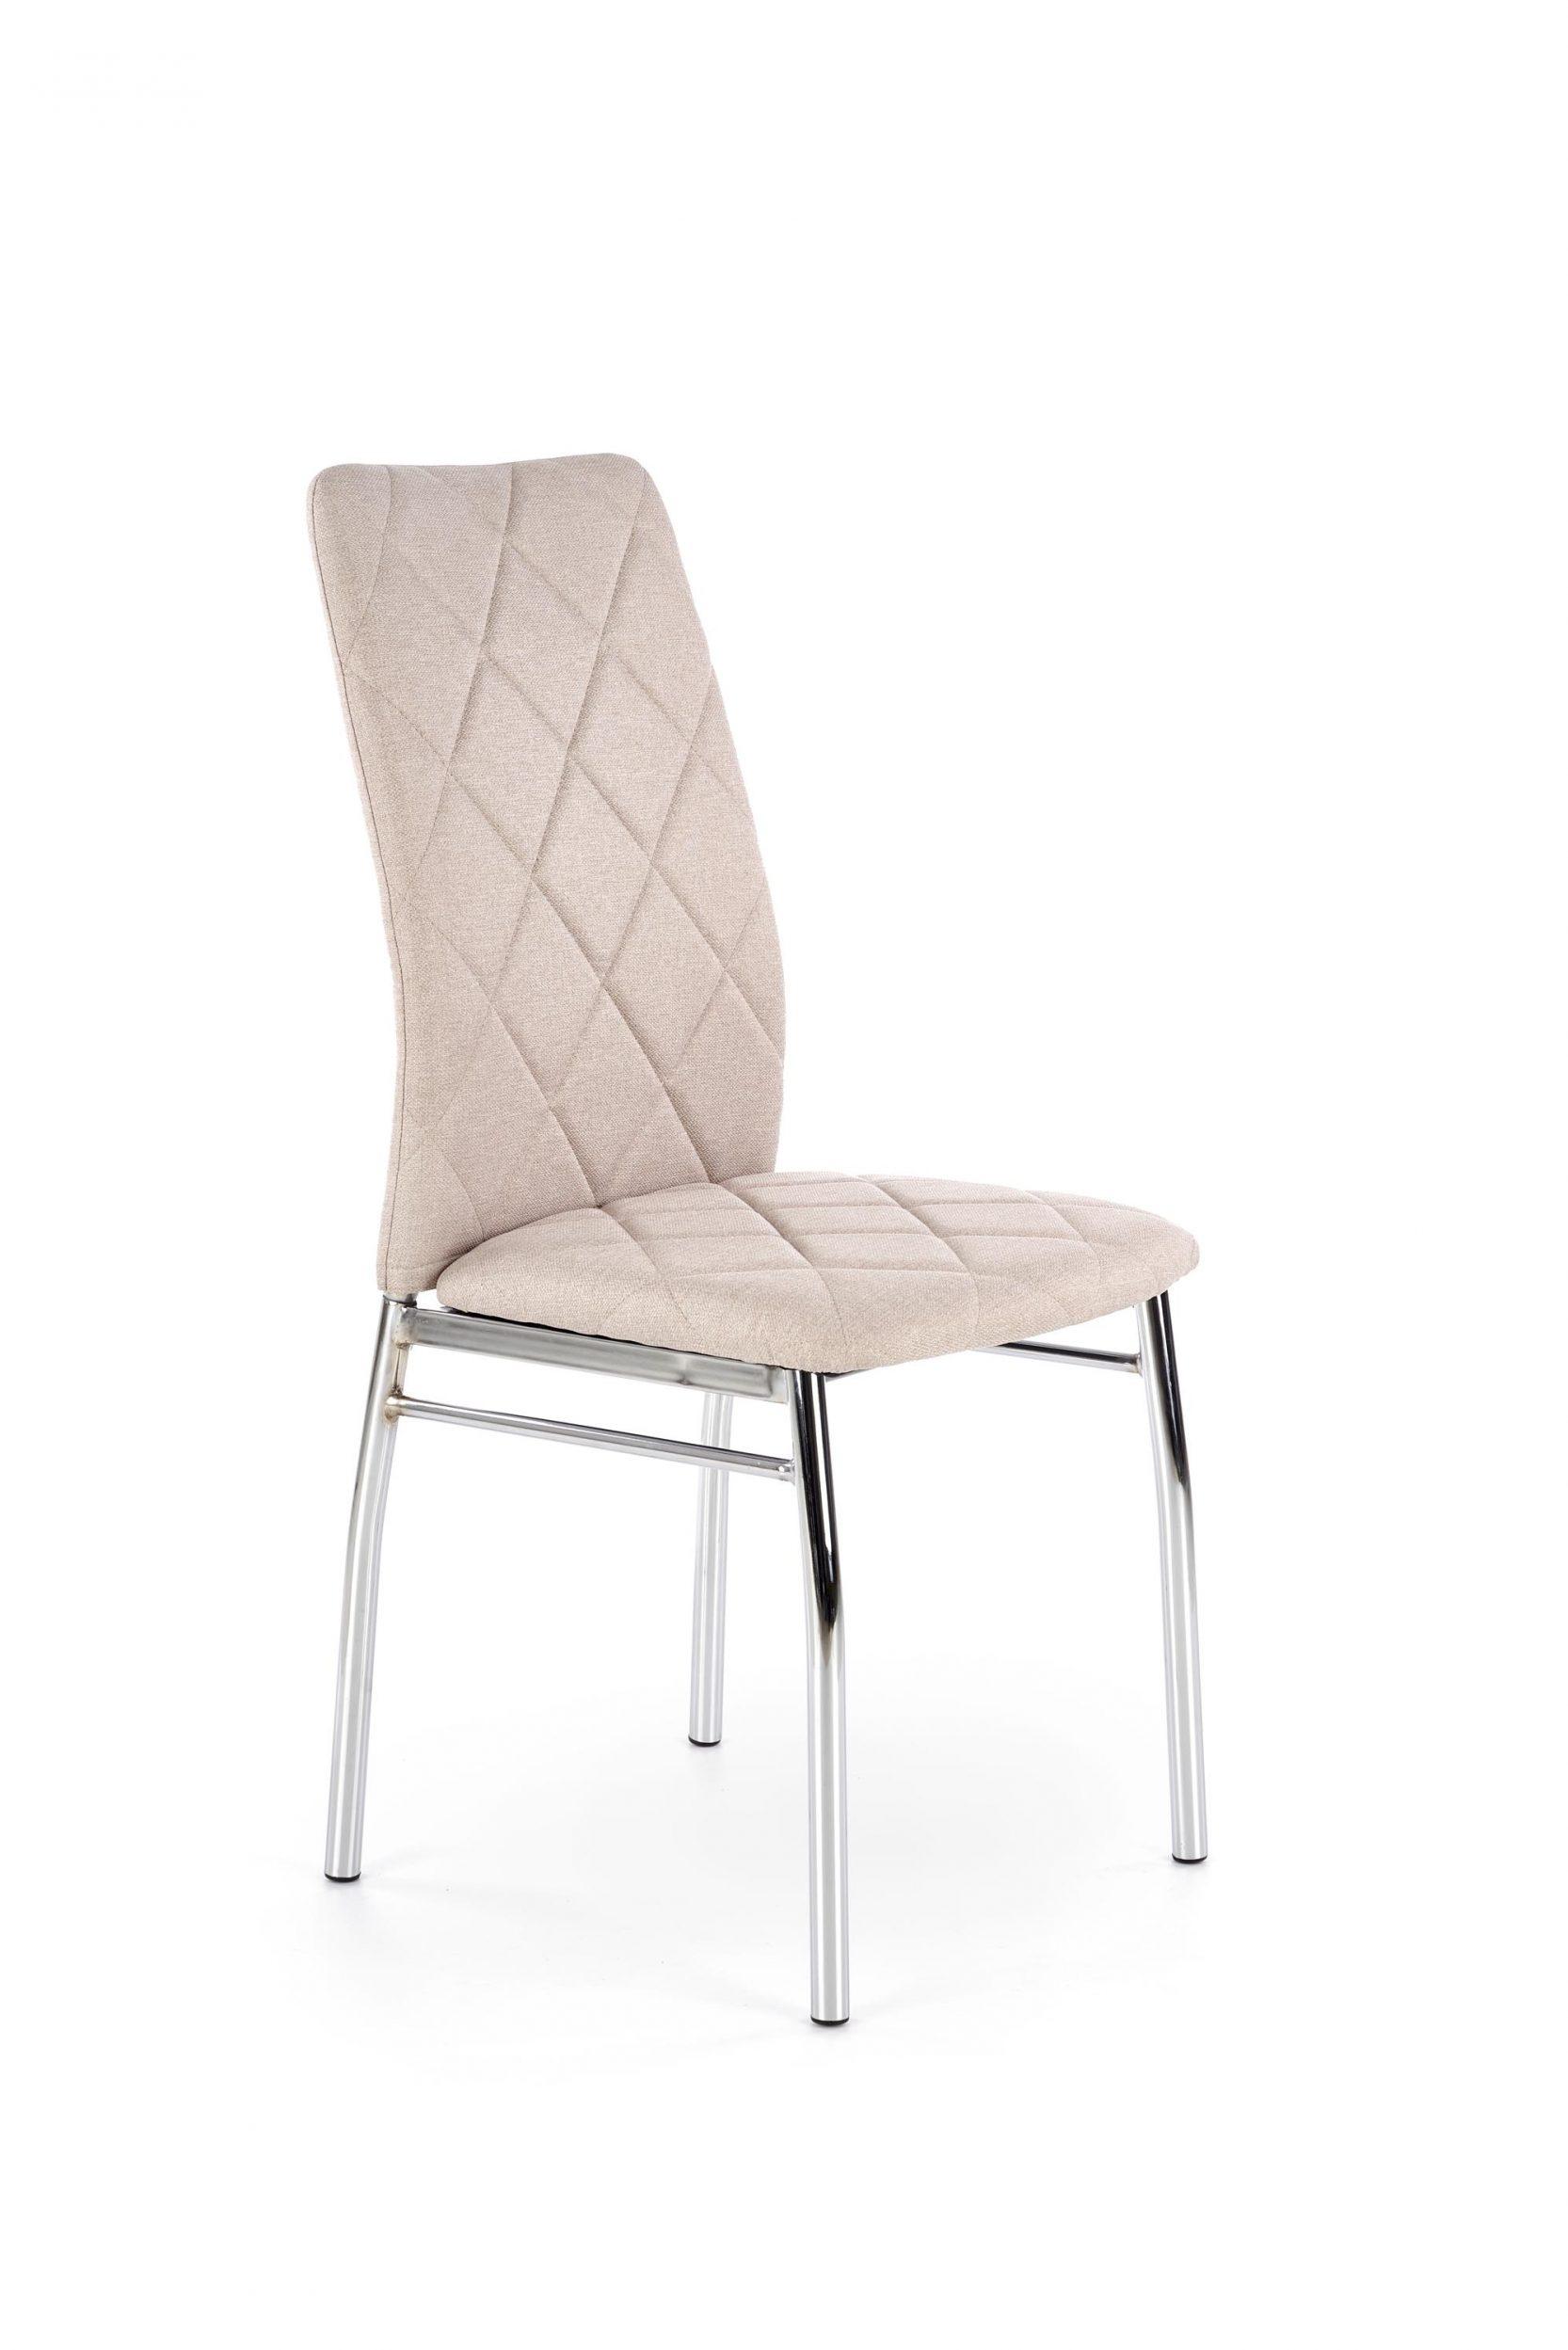 Scaun tapitat cu stofa, cu picioare metalice K309 Bej deschis / Crom, l43xA57xH97 cm